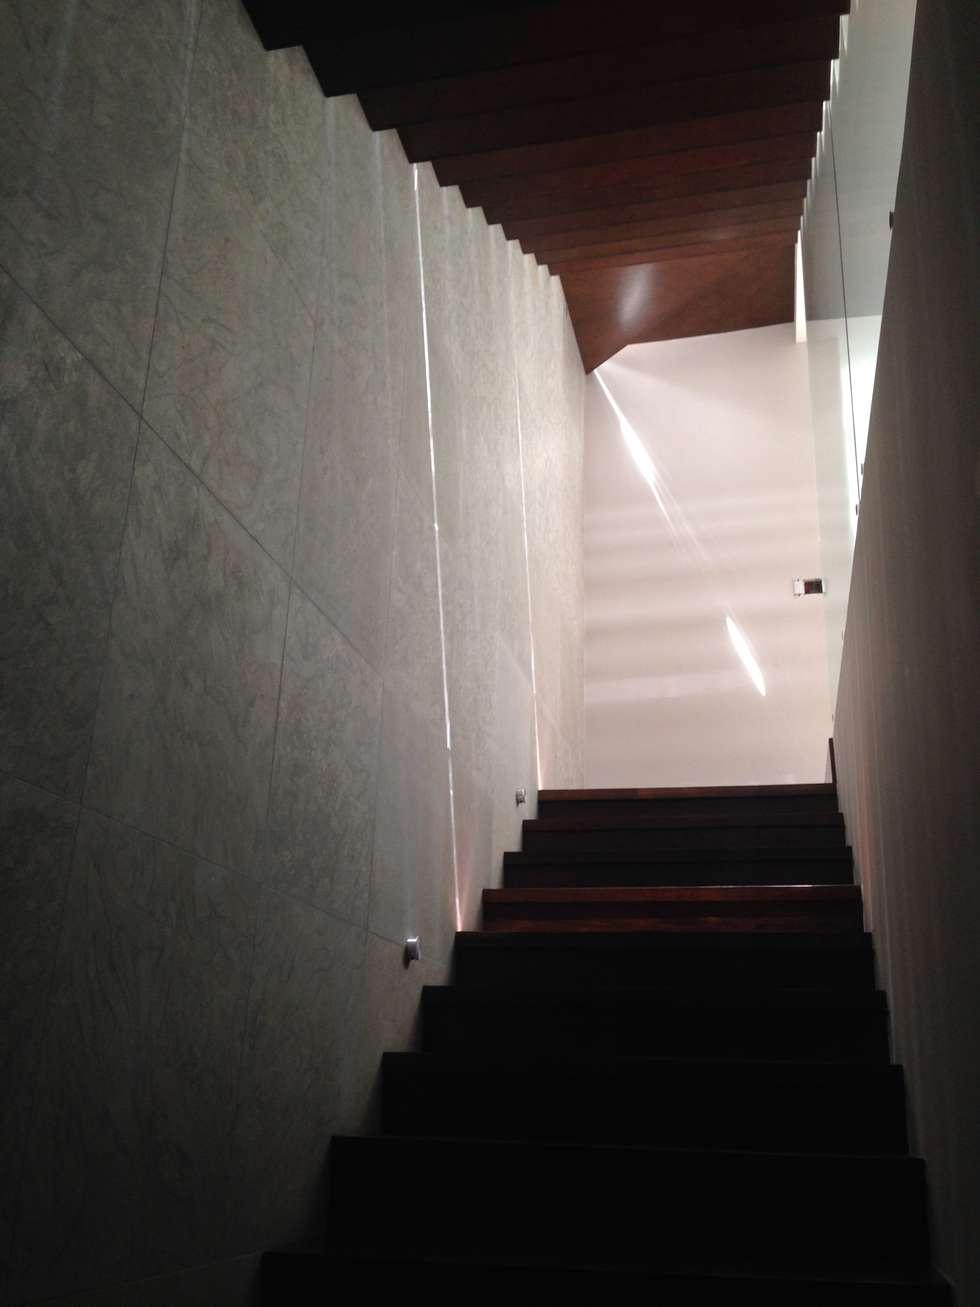 escalera doble: Pasillos y recibidores de estilo  por iarkitektura